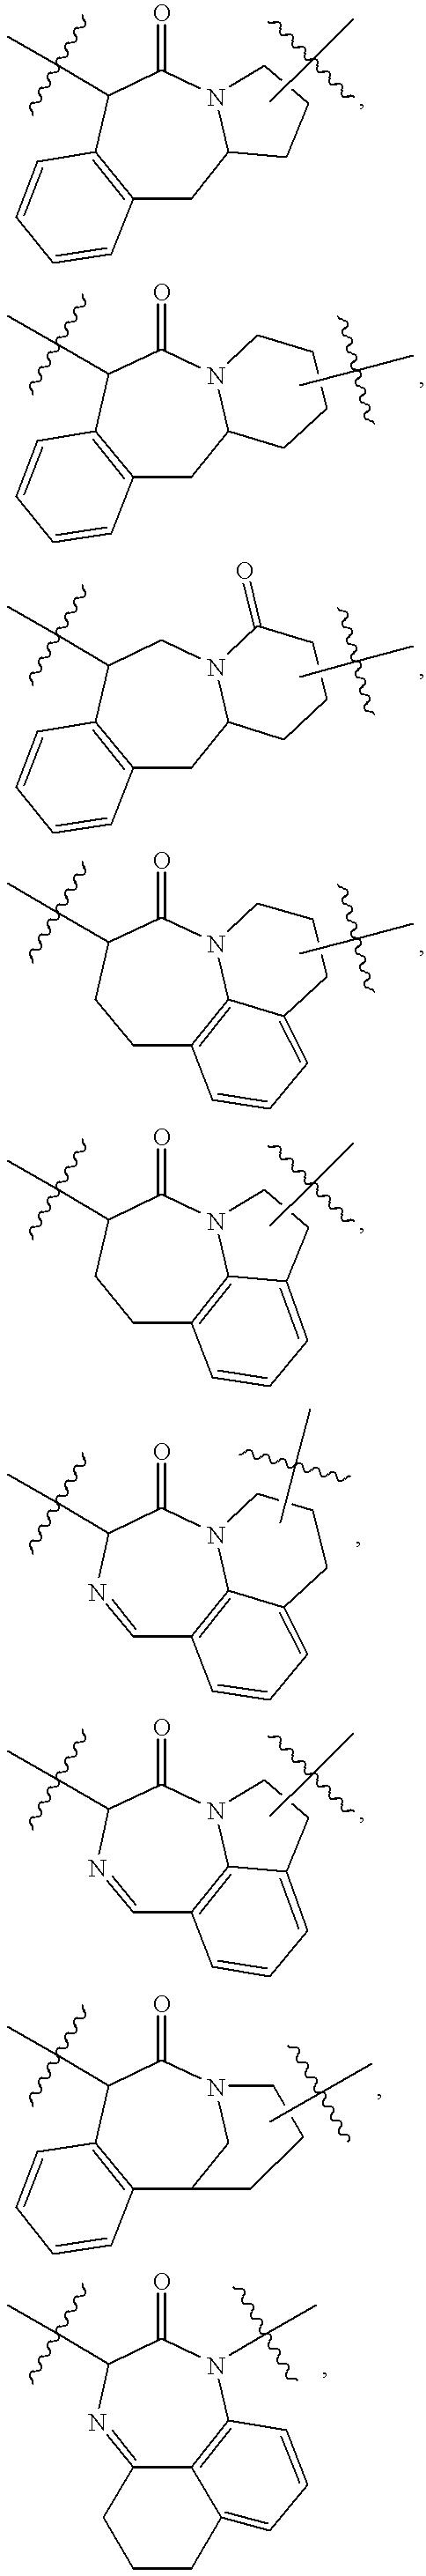 Figure US20020055501A1-20020509-C00008